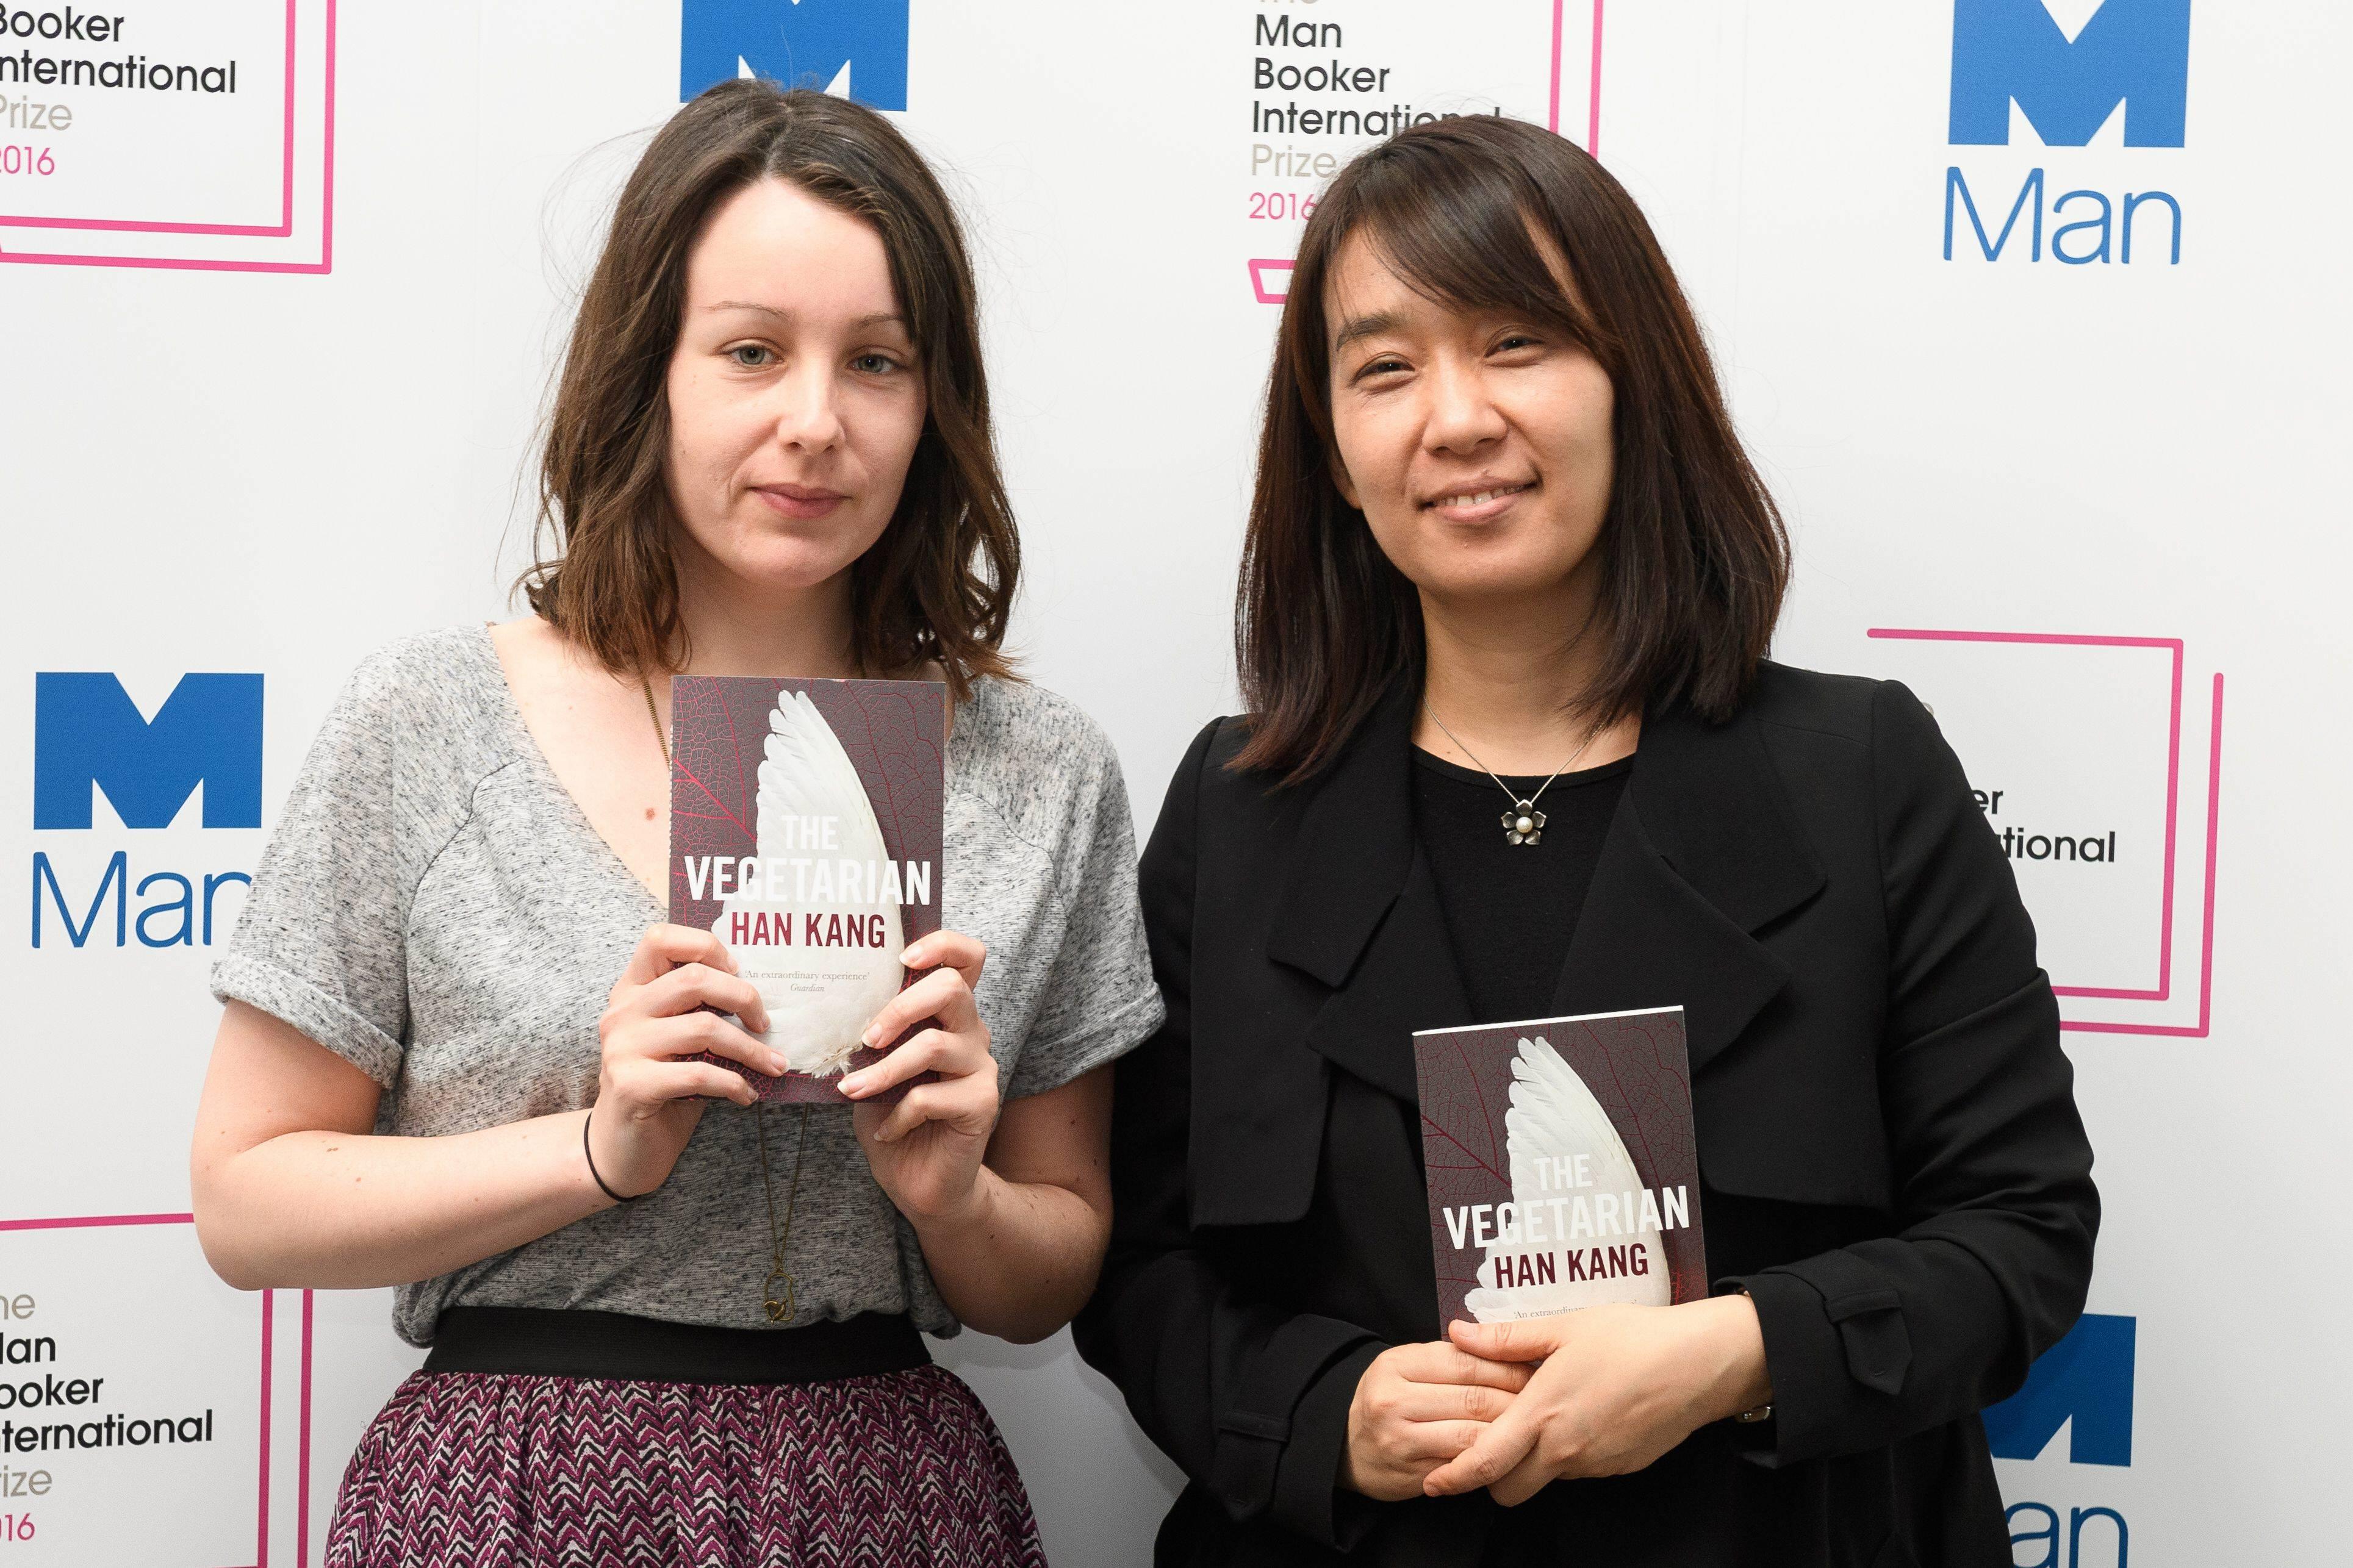 Award-winning novel 'The Vegetarian' fraught with errors